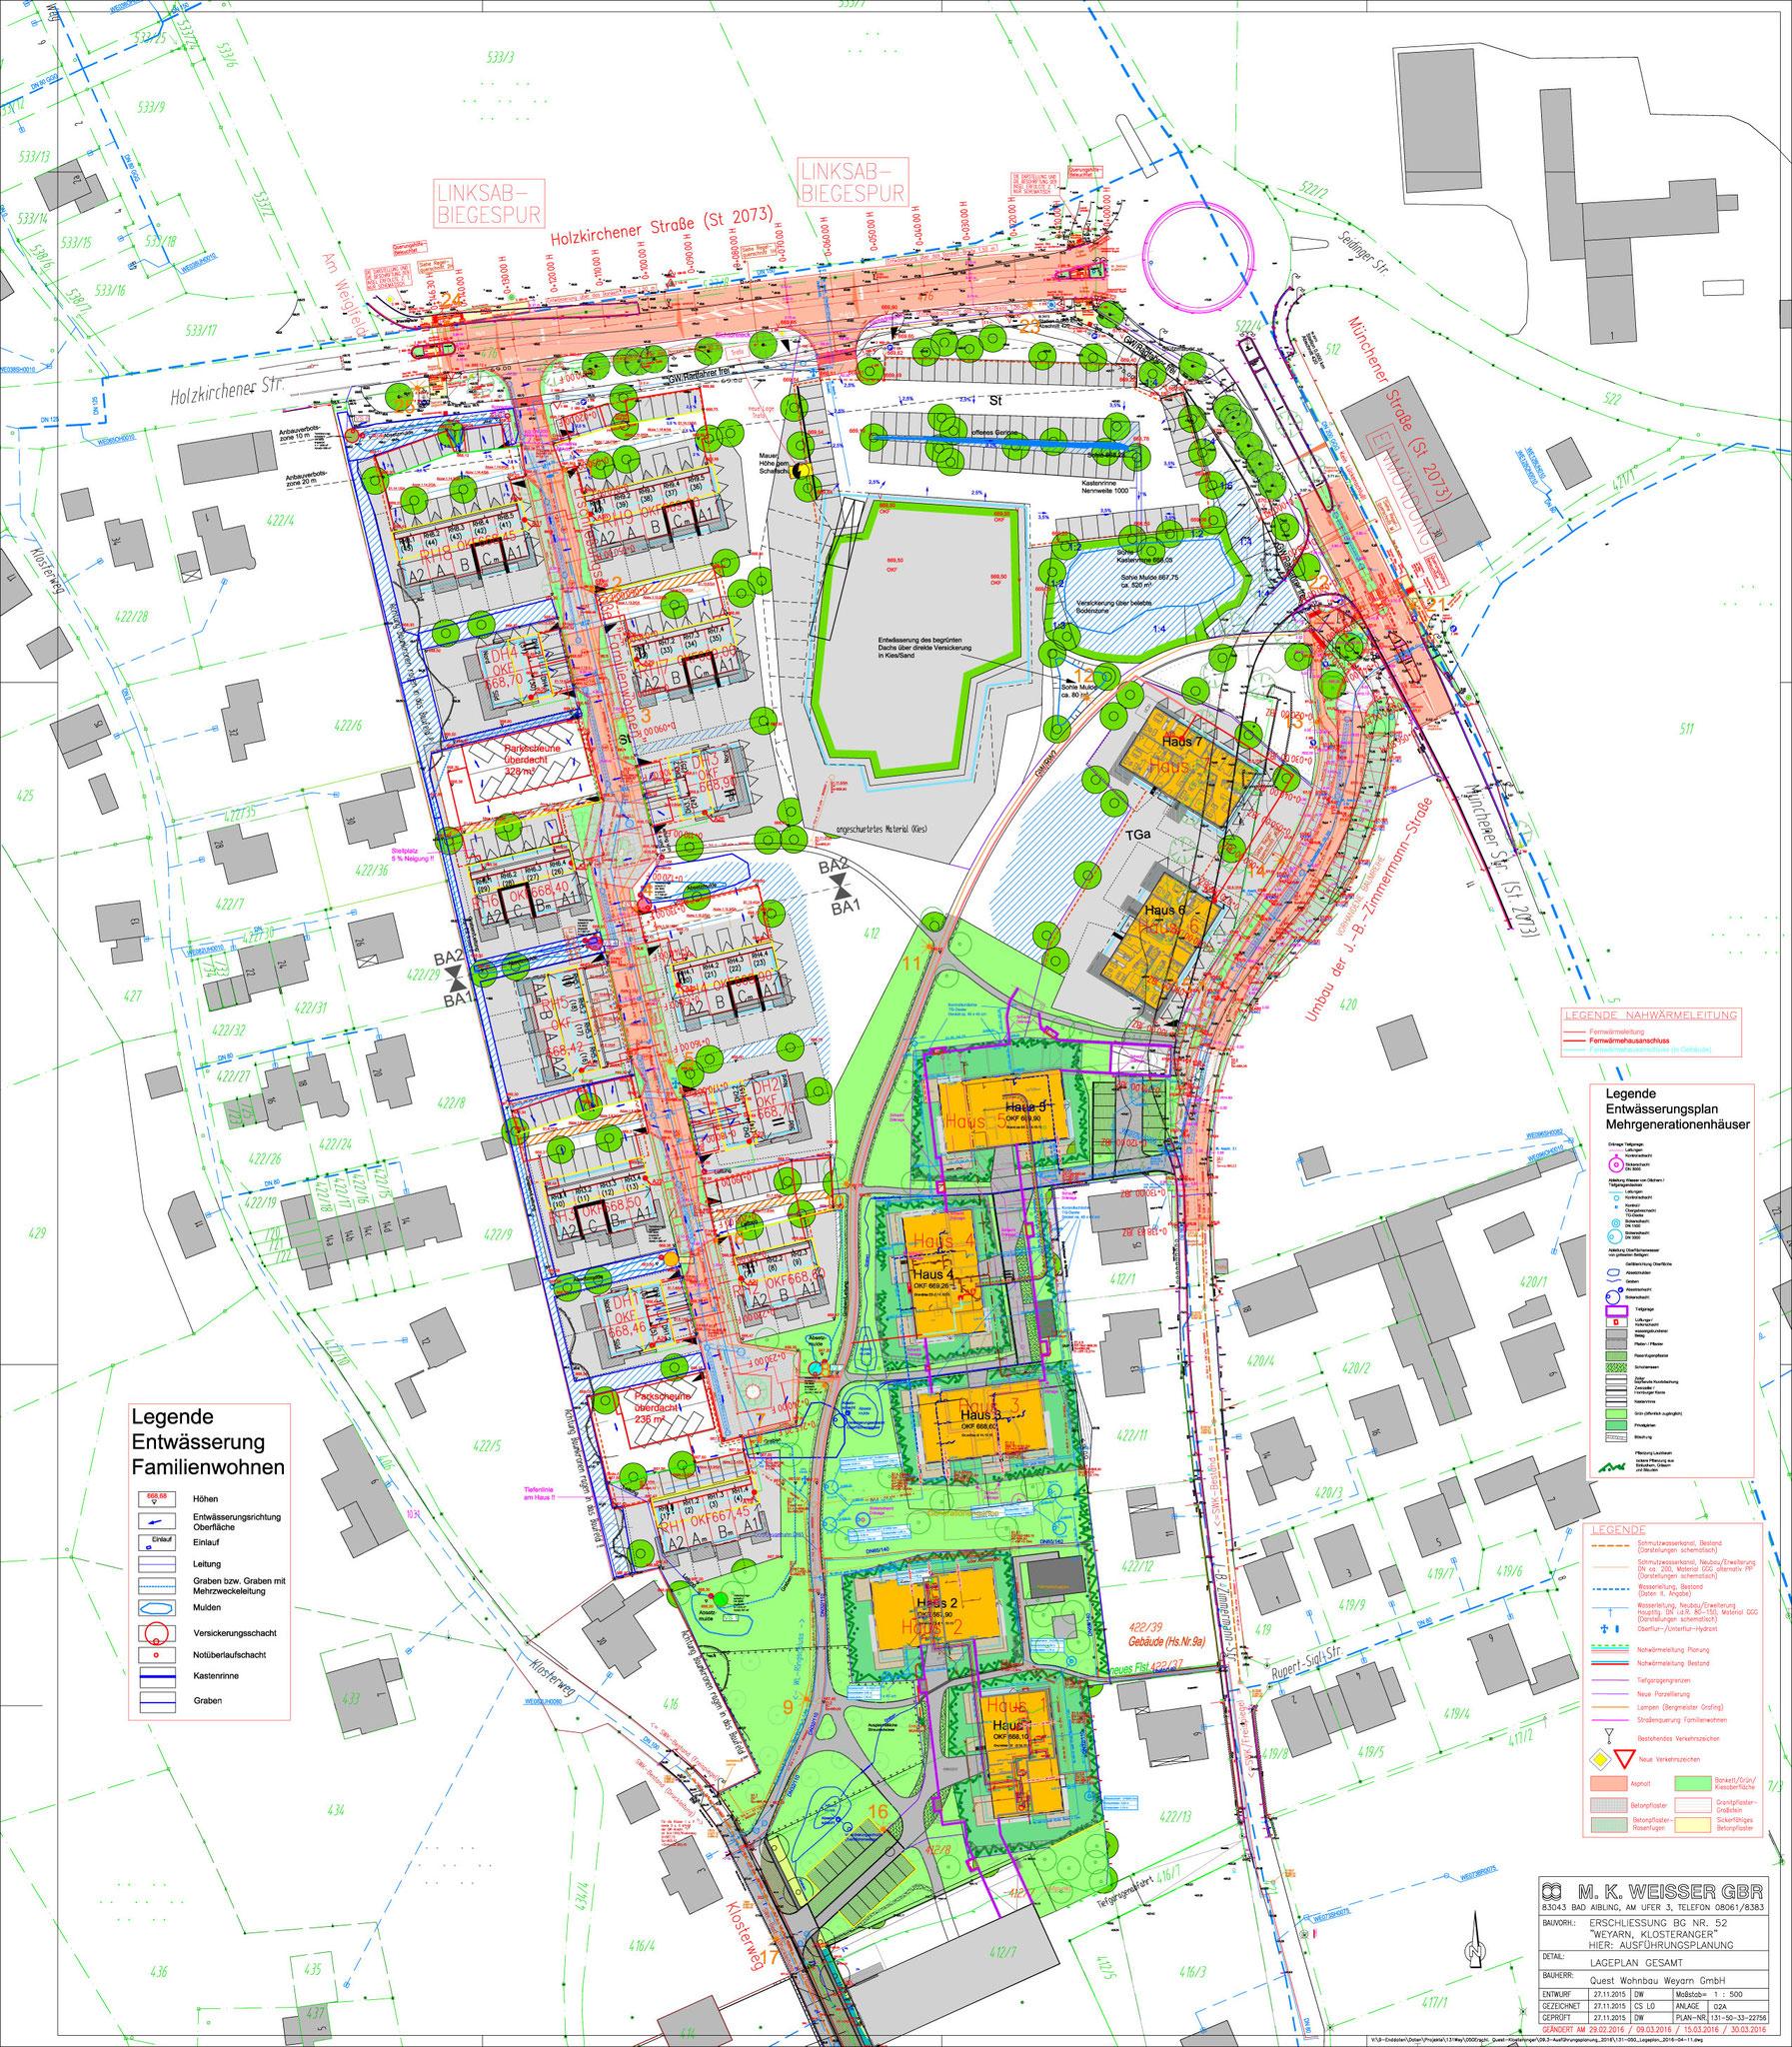 Der Lageplan zu dem umfangreichen Projekt